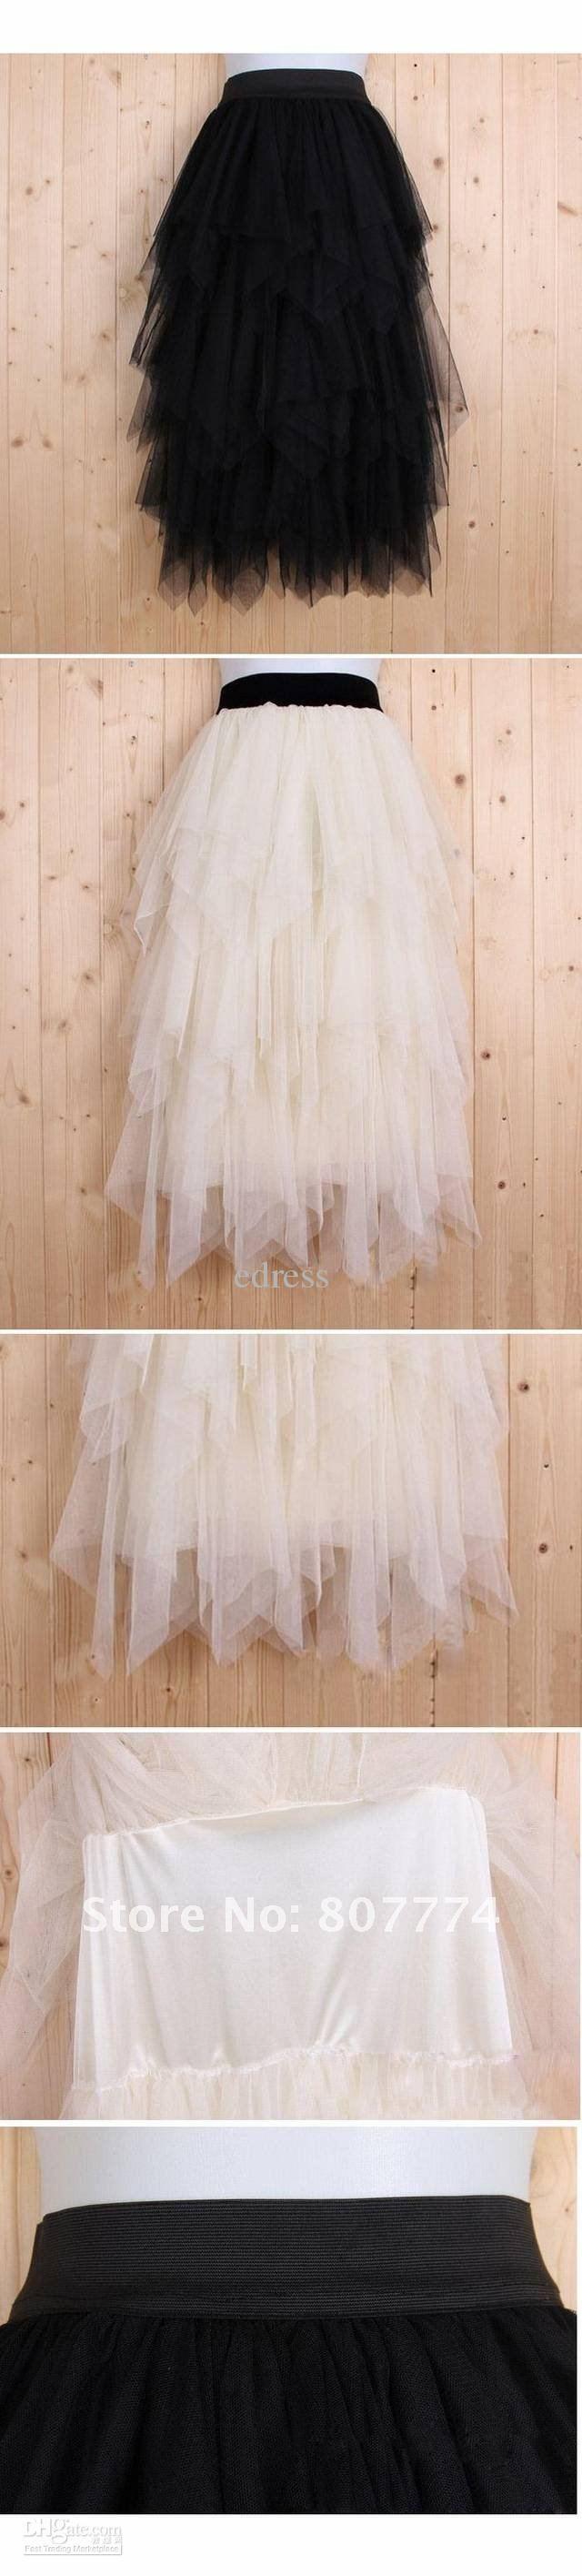 Image detail for -... Women tulle skirt long ball skirt black/apricot skirt promotion